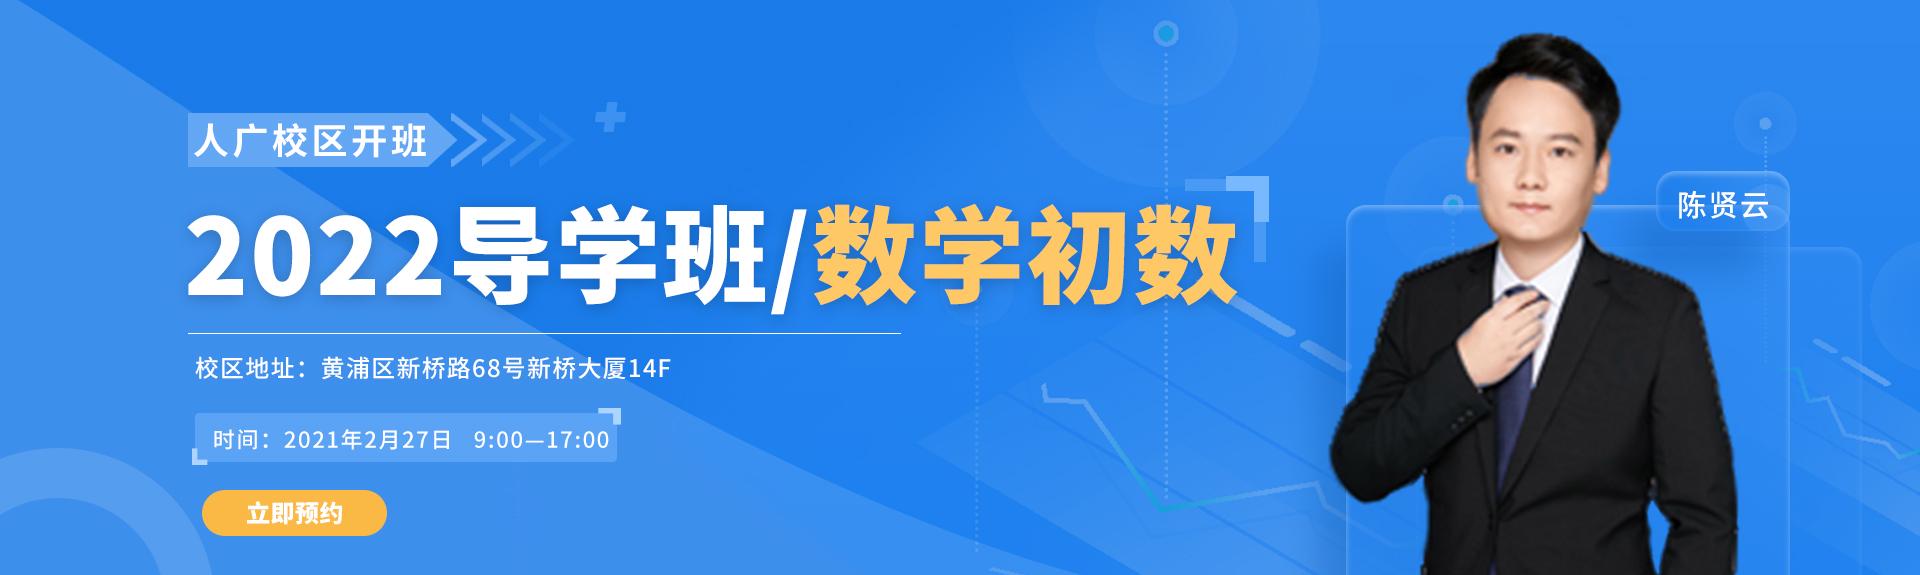 【人广开班】2022导学班-数学初数